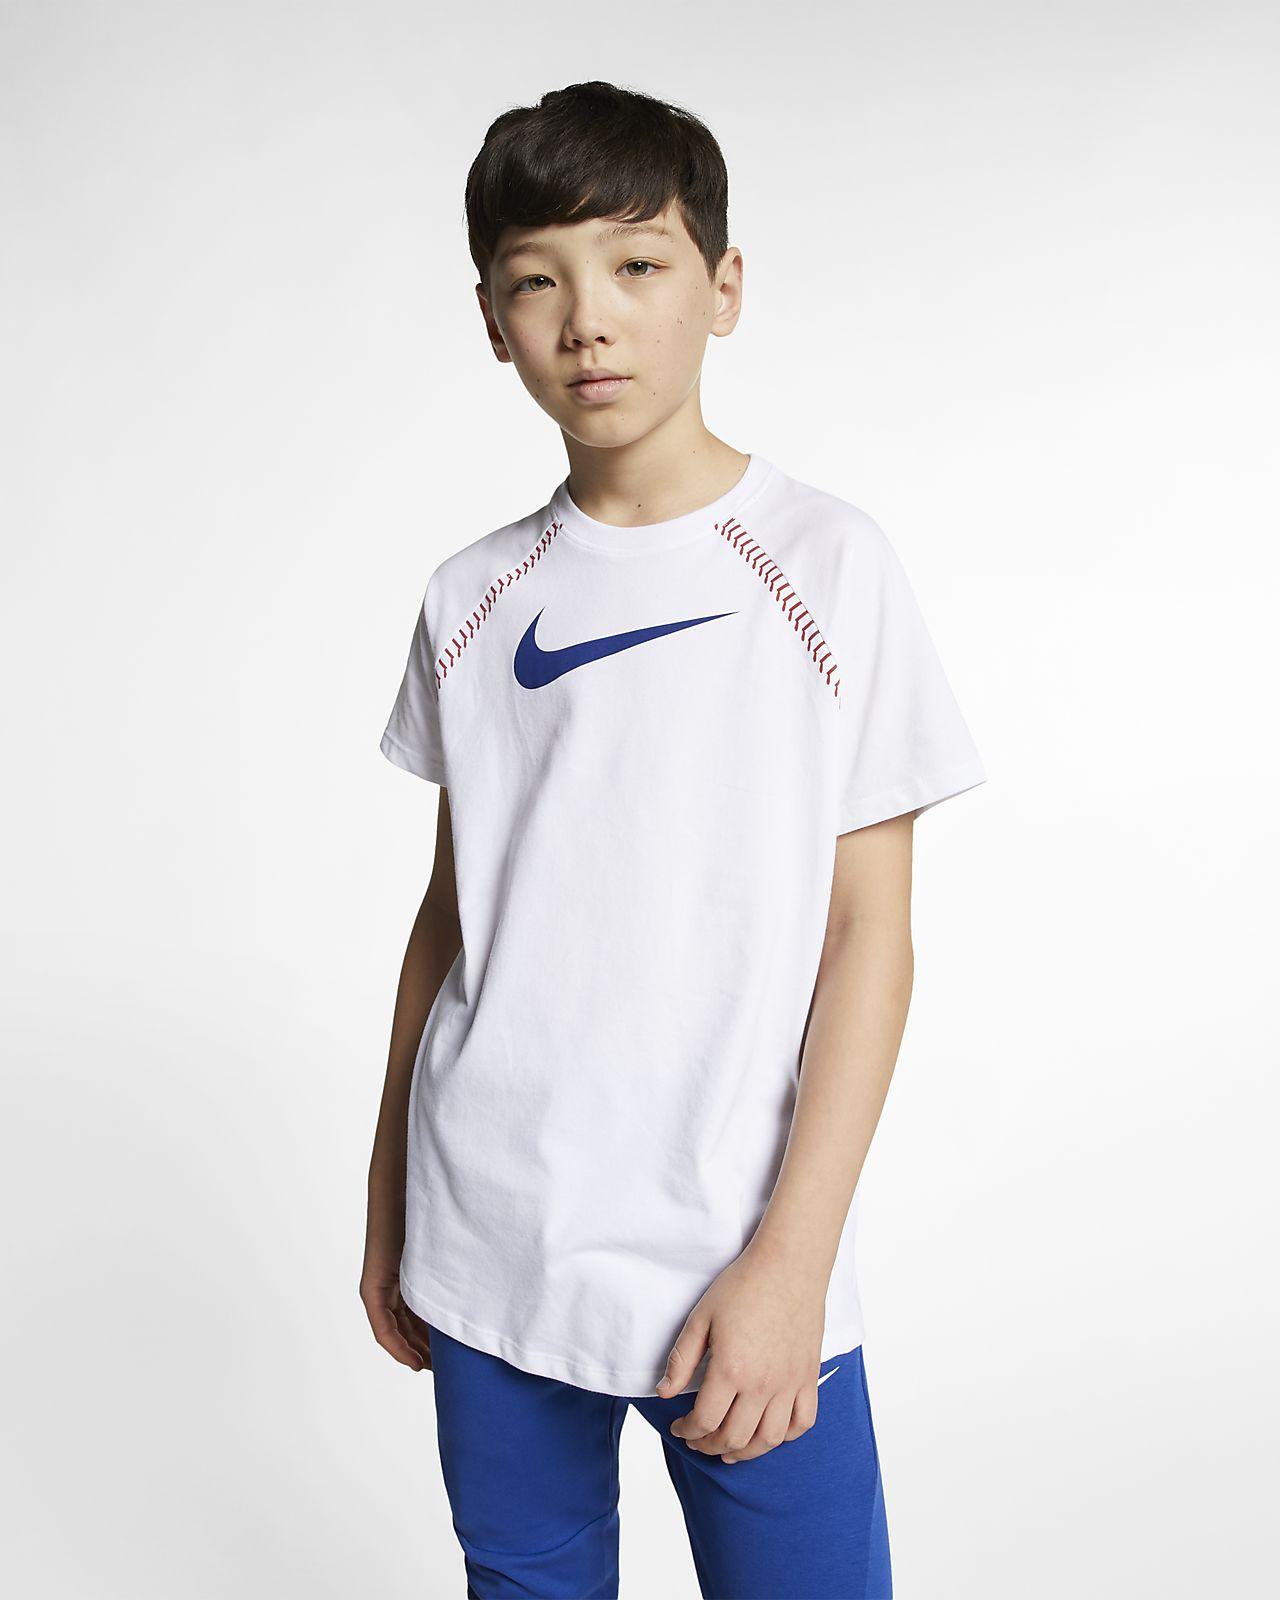 0b4d7ebab Nike Dri-FIT Big Kids' Training T-Shirt. Nike.com